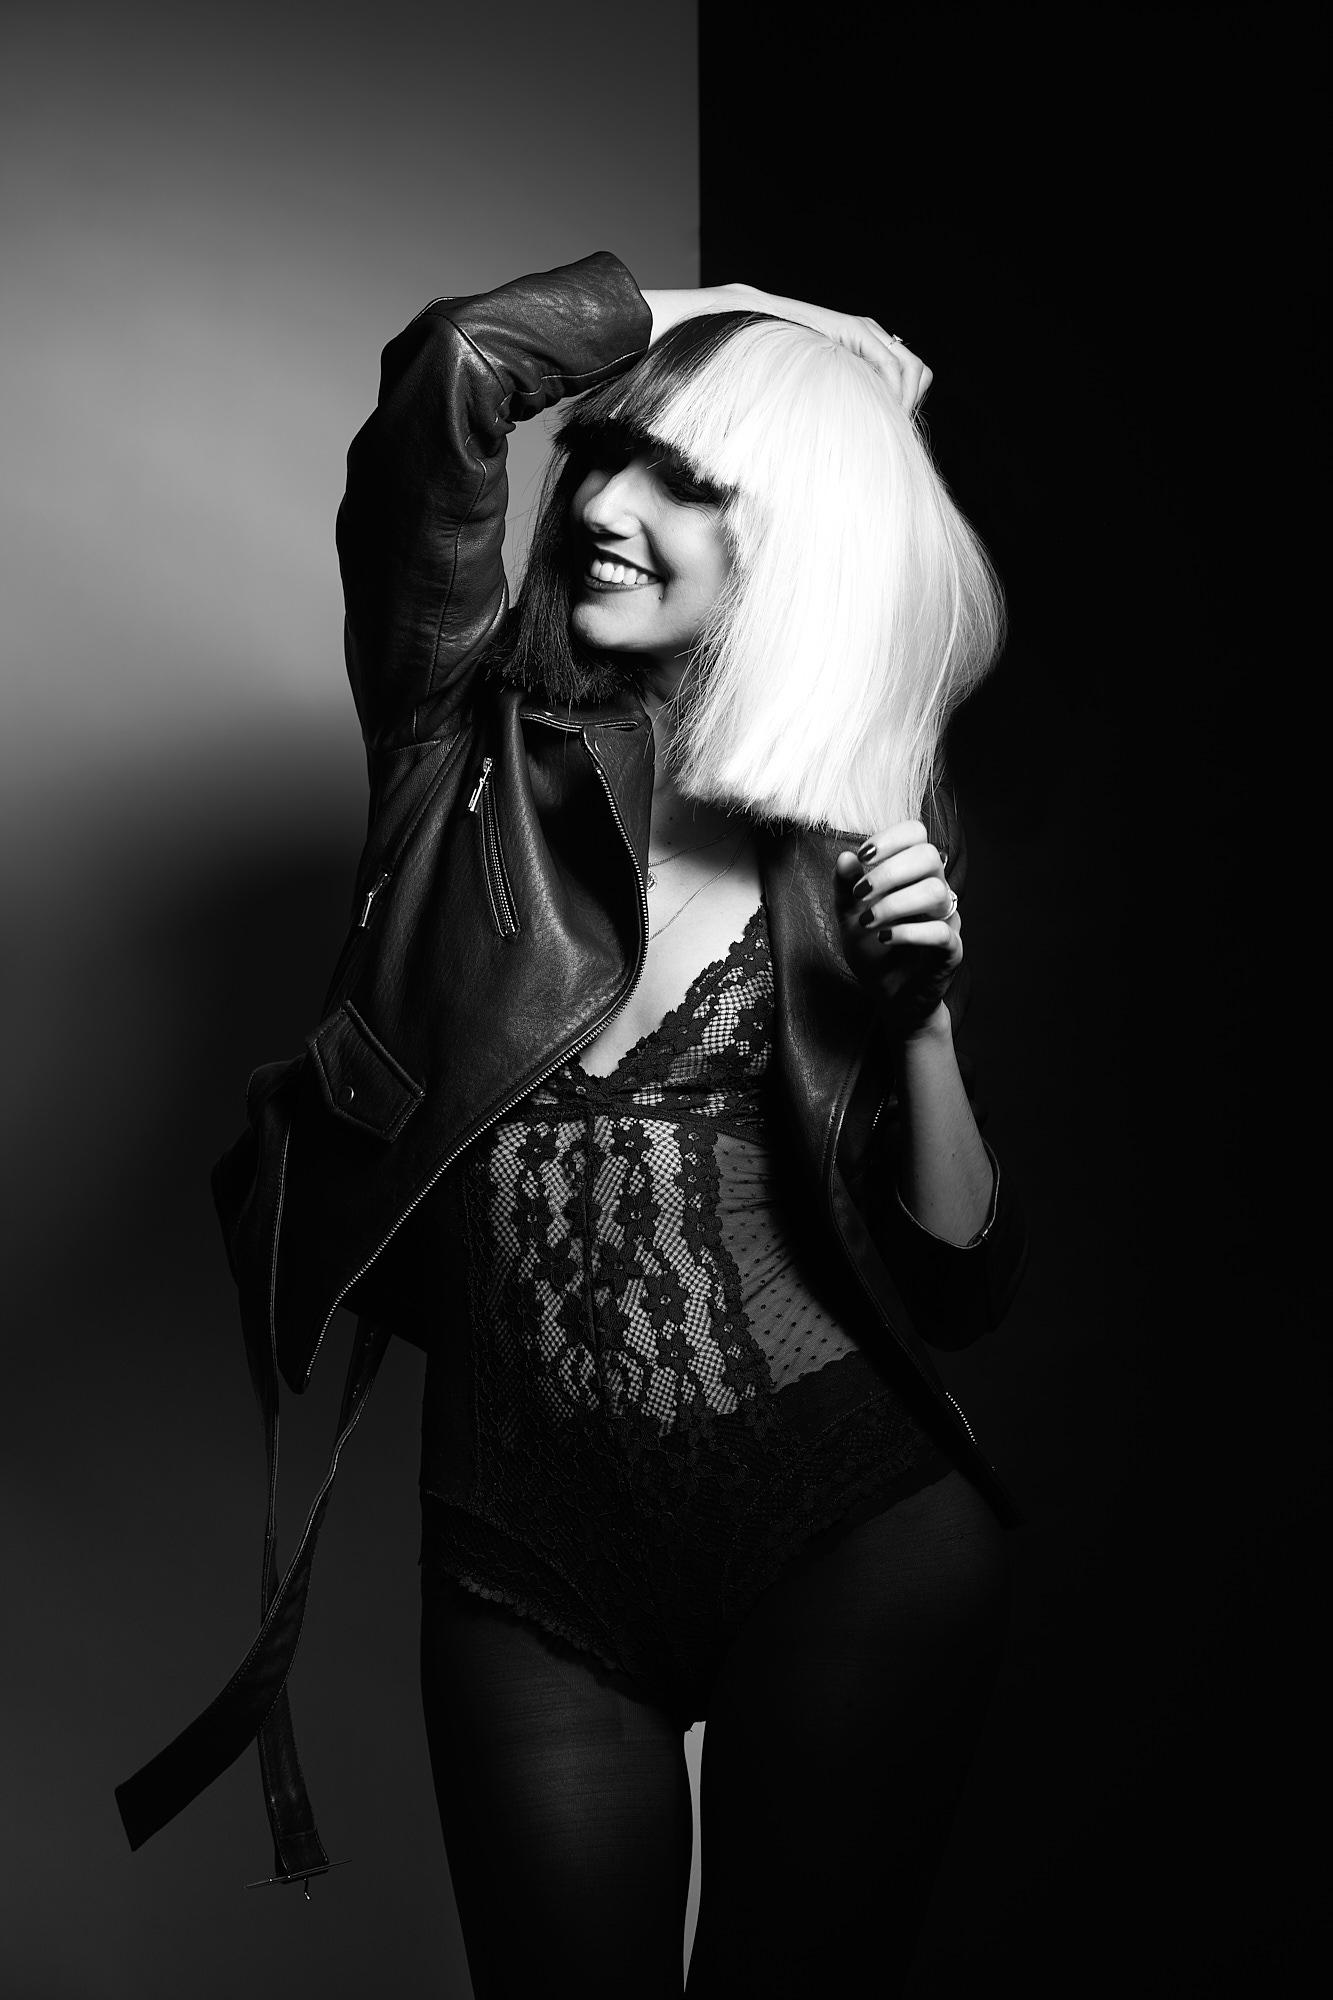 Femme avec perruque Sia, noir et blanc